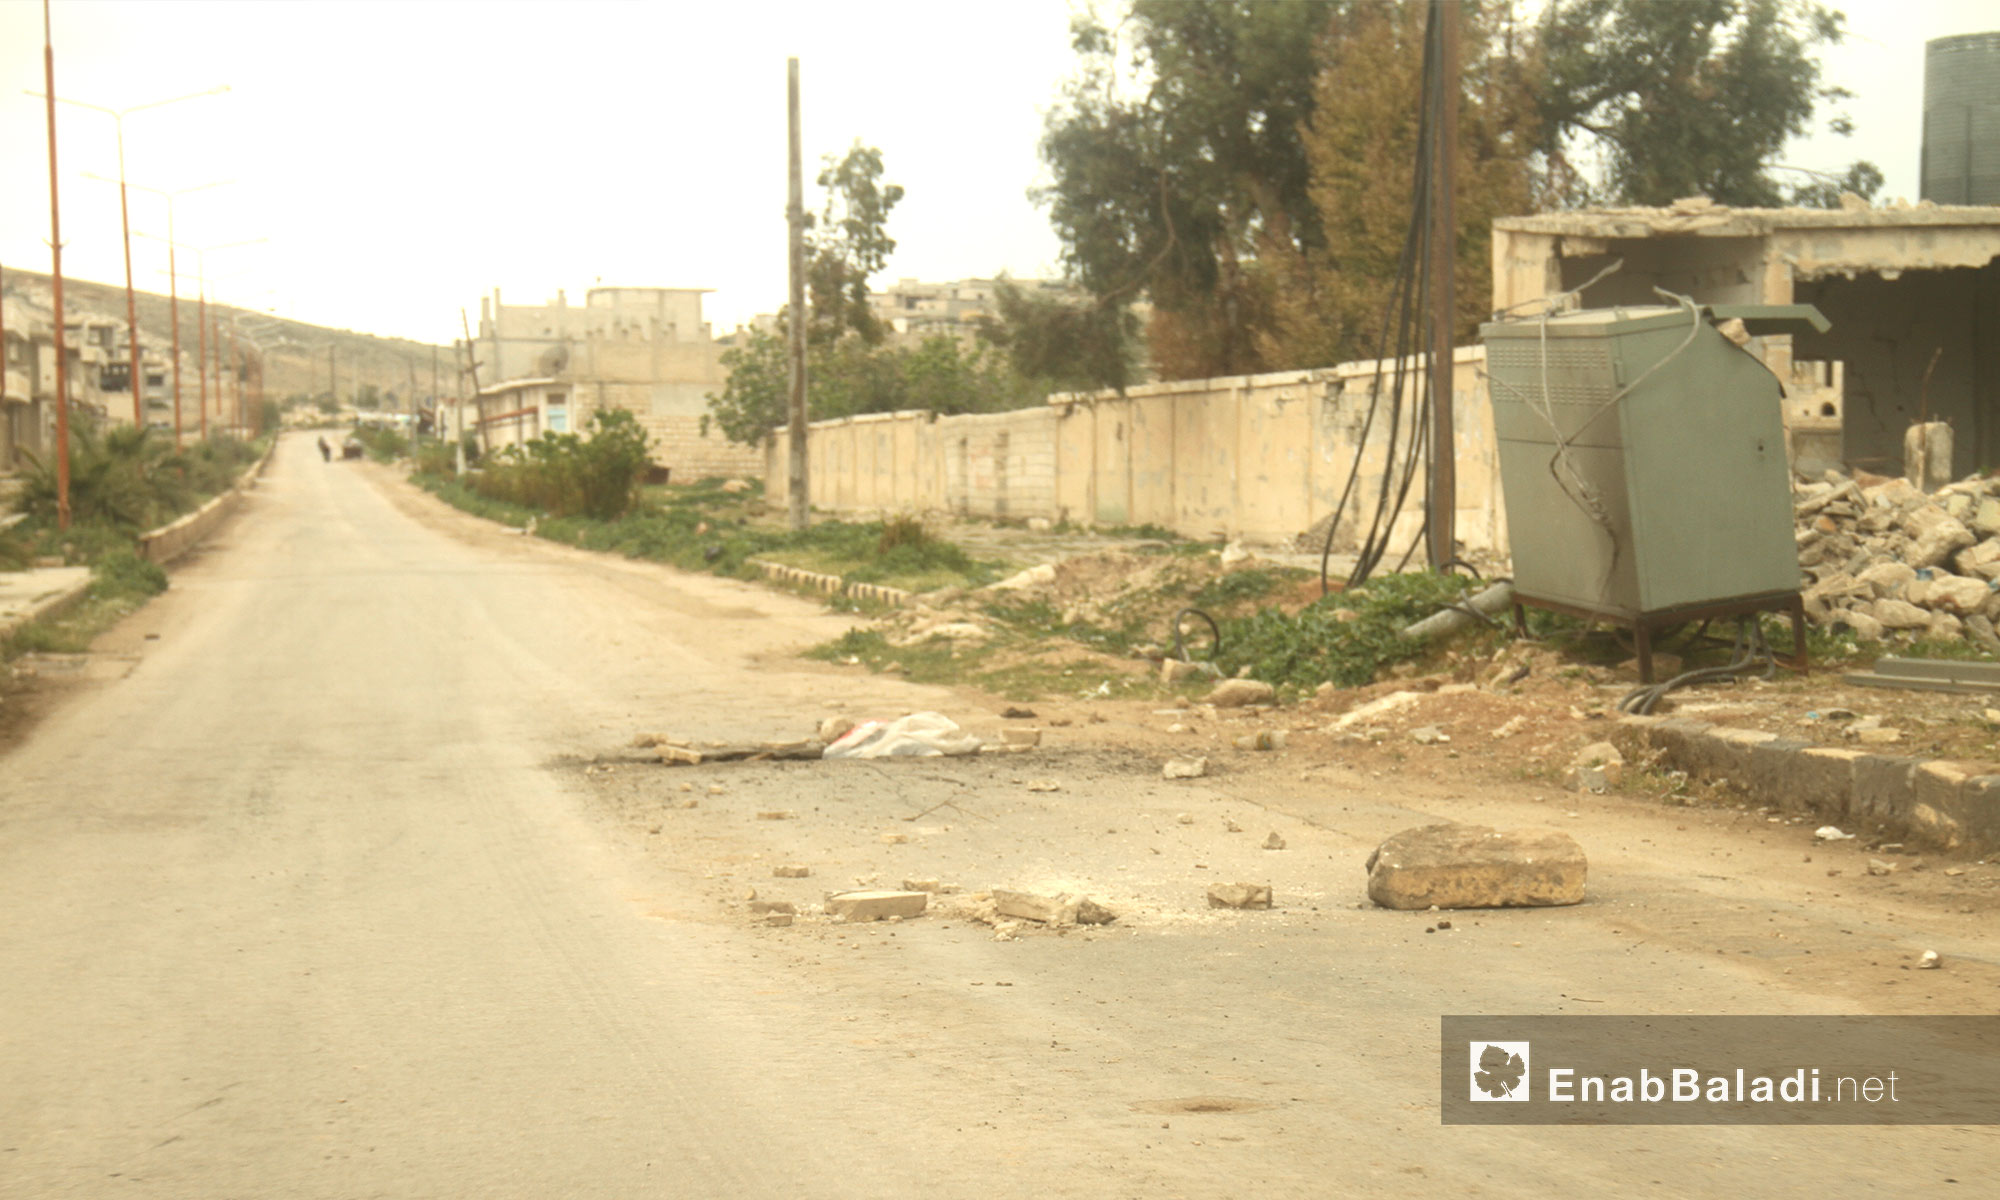 موقع سقوط الصواريخ المحملة بالغازات السامة في خان شيخون بإدلب - 14 نيسان 2017 (عنب بلدي)